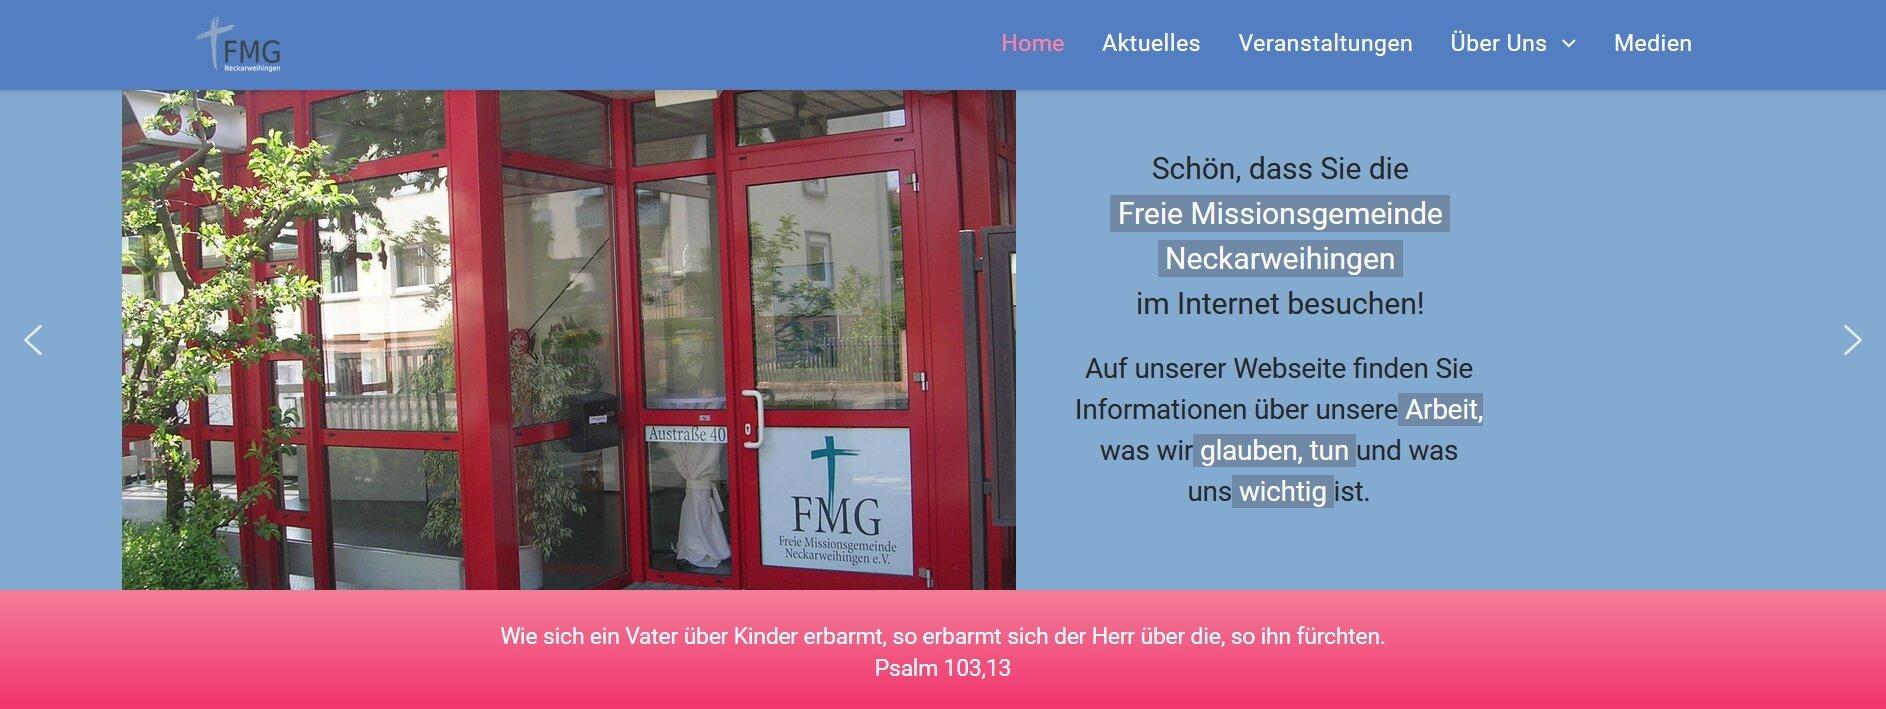 Freie Missionsgemeinde Neckarweihingen.jpg